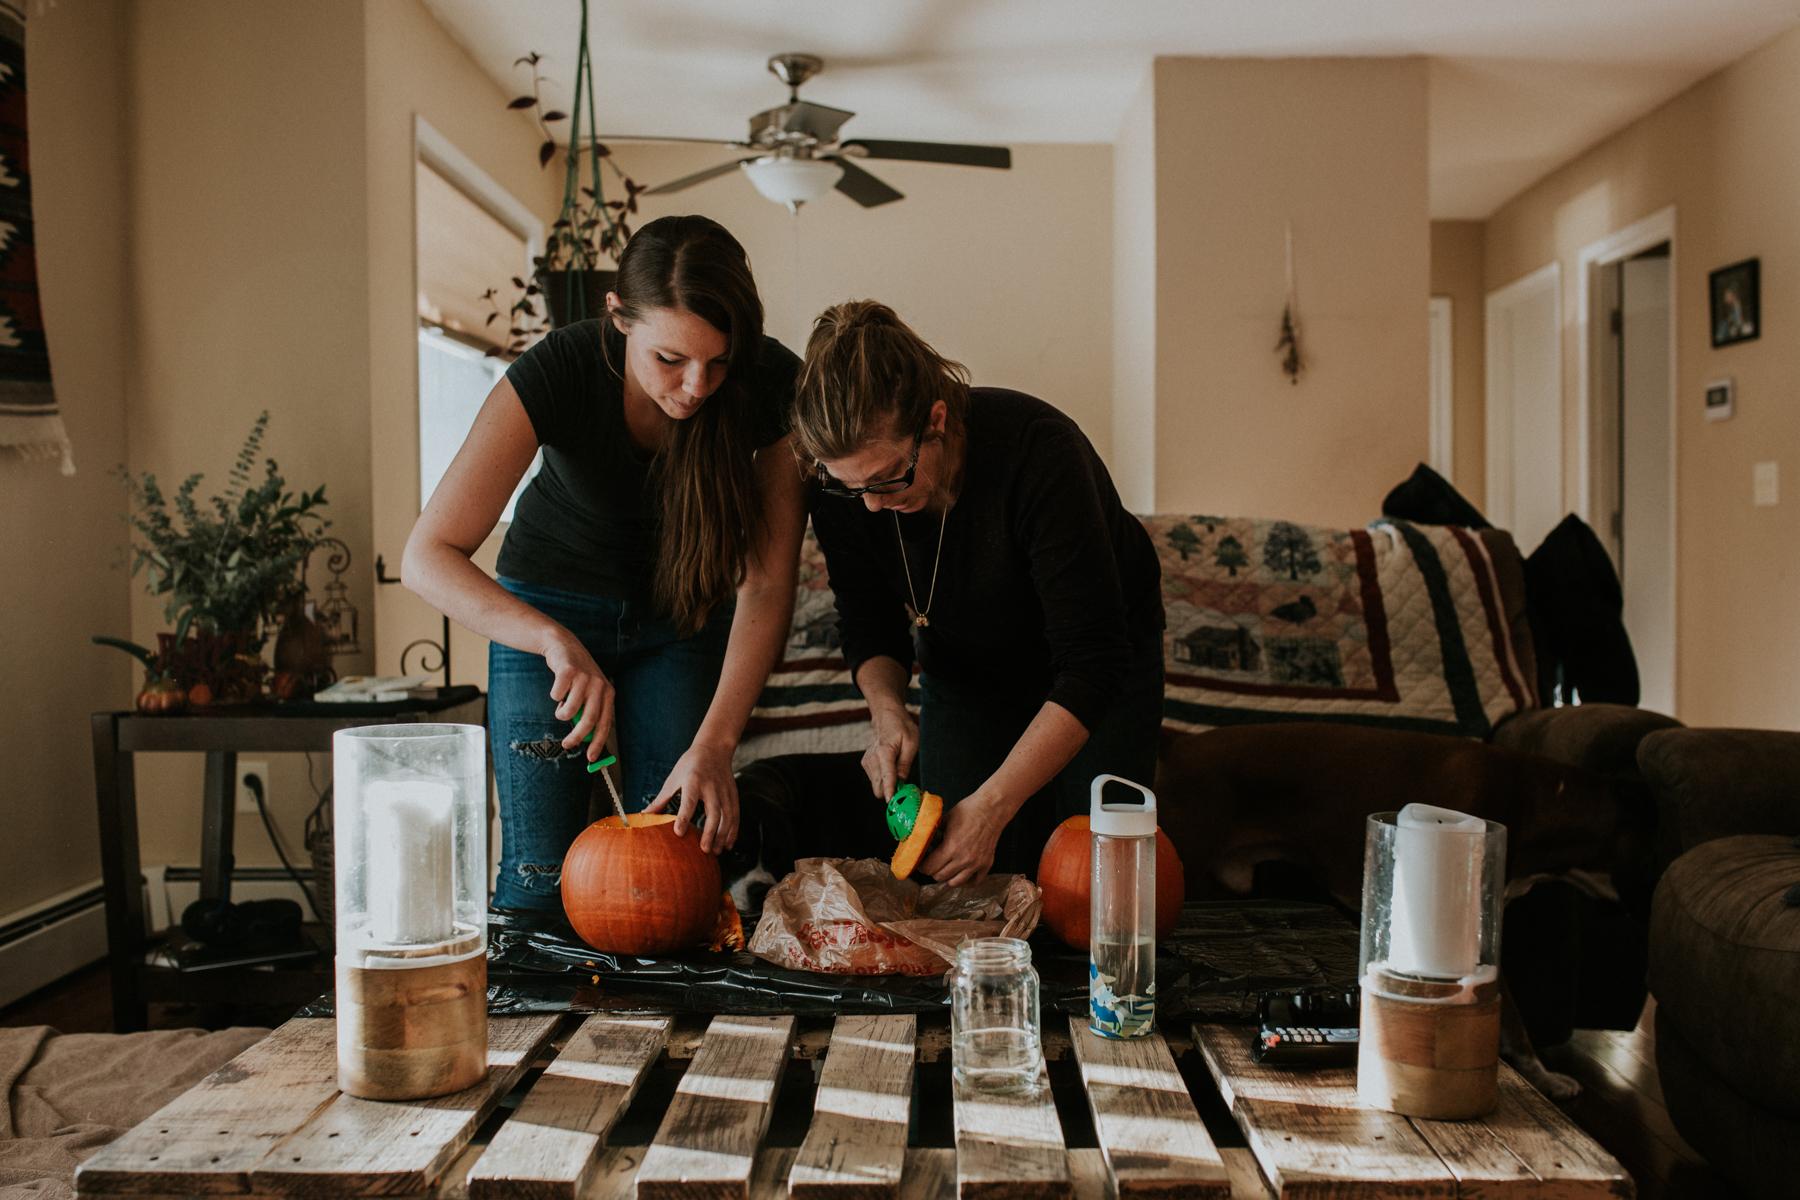 Carving pumpkins in livingroom